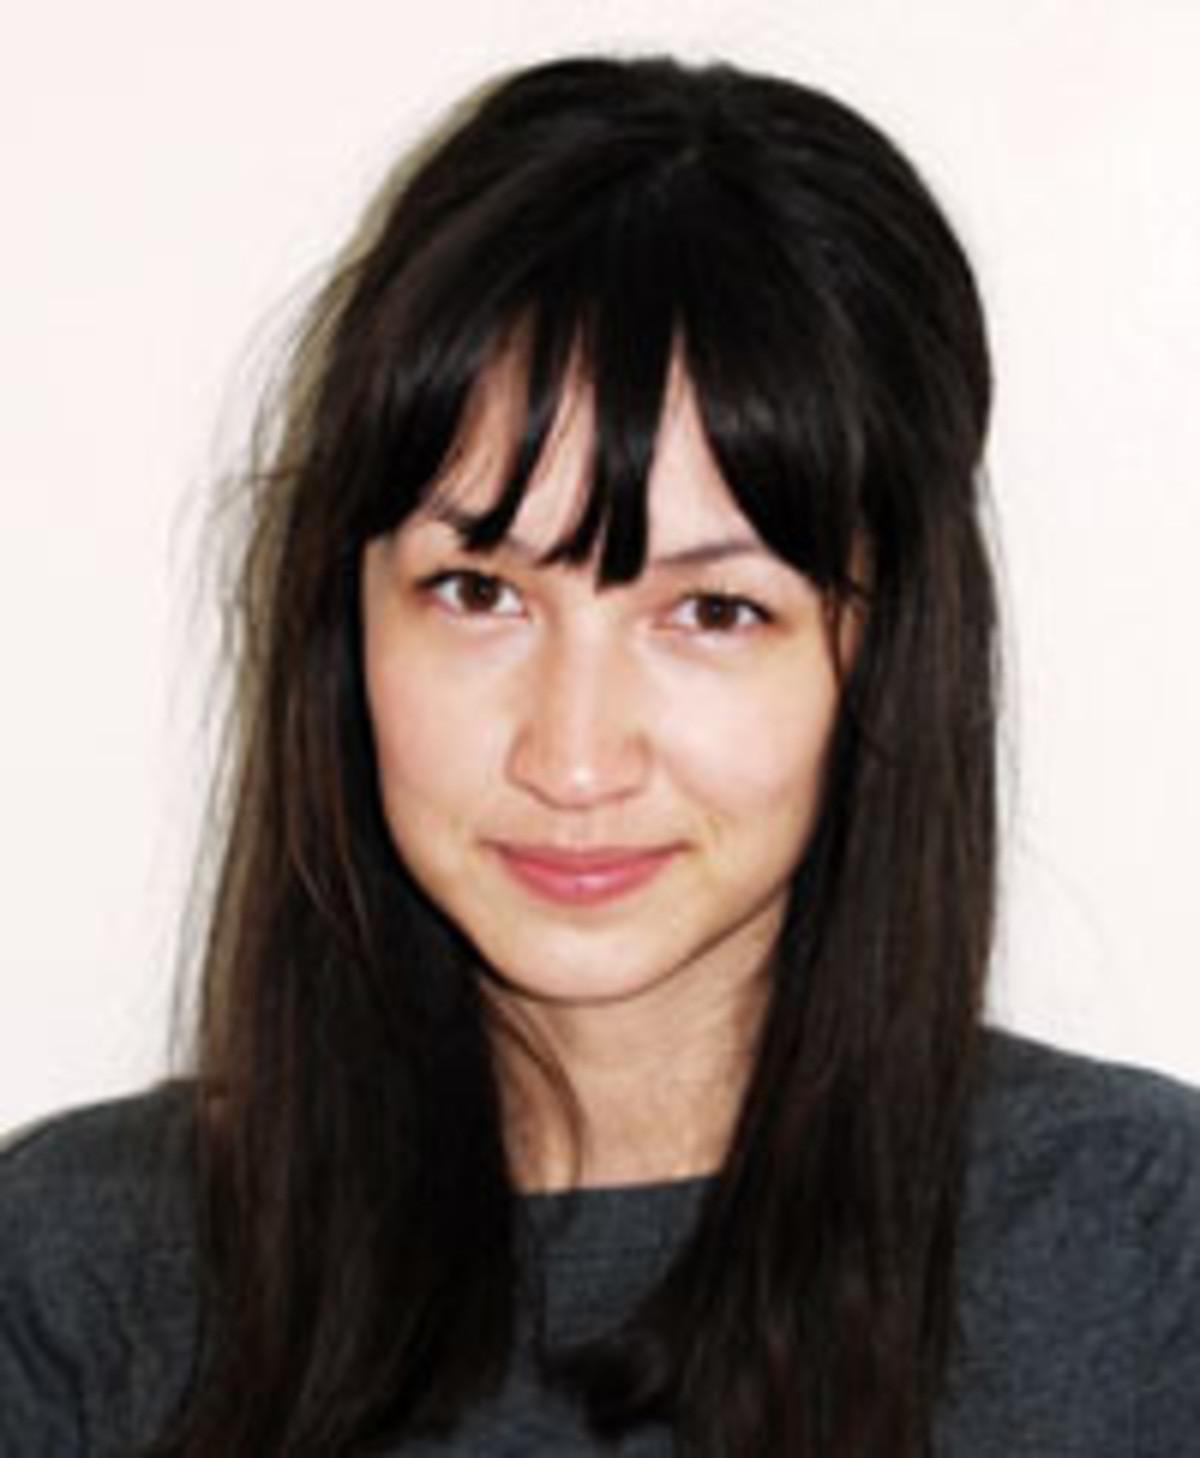 Half White Half Asian (Joss Fong)